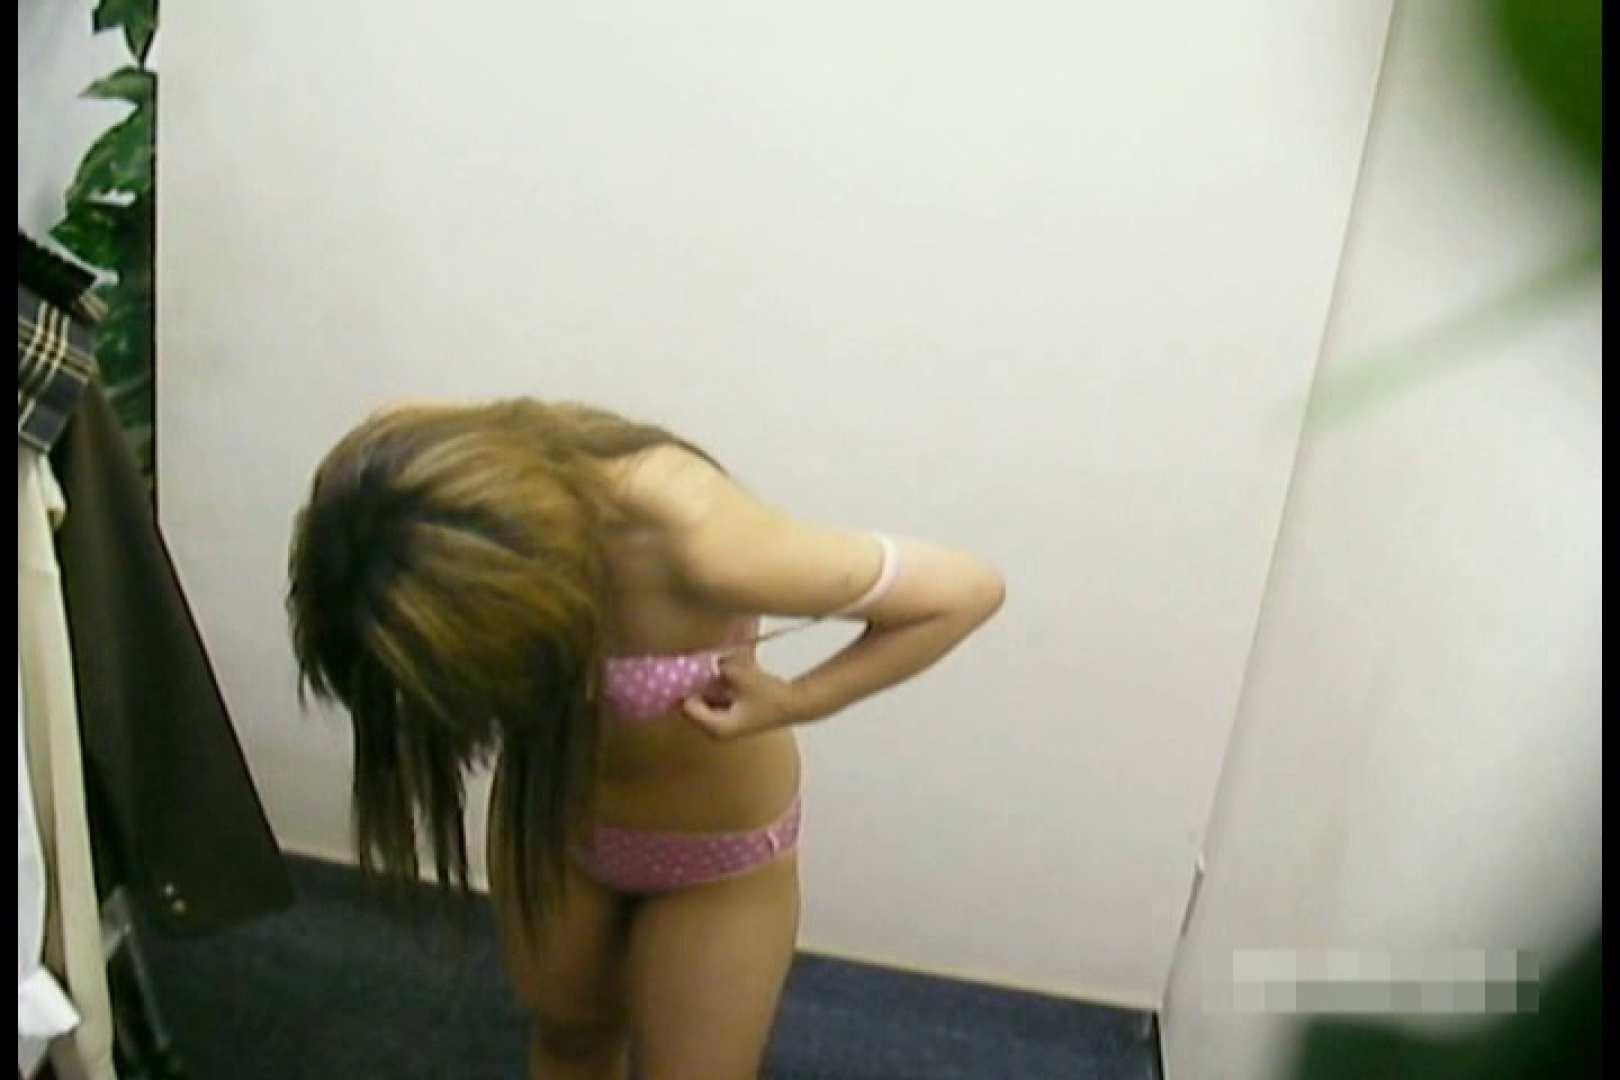 素人撮影 下着だけの撮影のはずが・・・幸子18歳 素人のぞき 盗撮画像 70pic 37